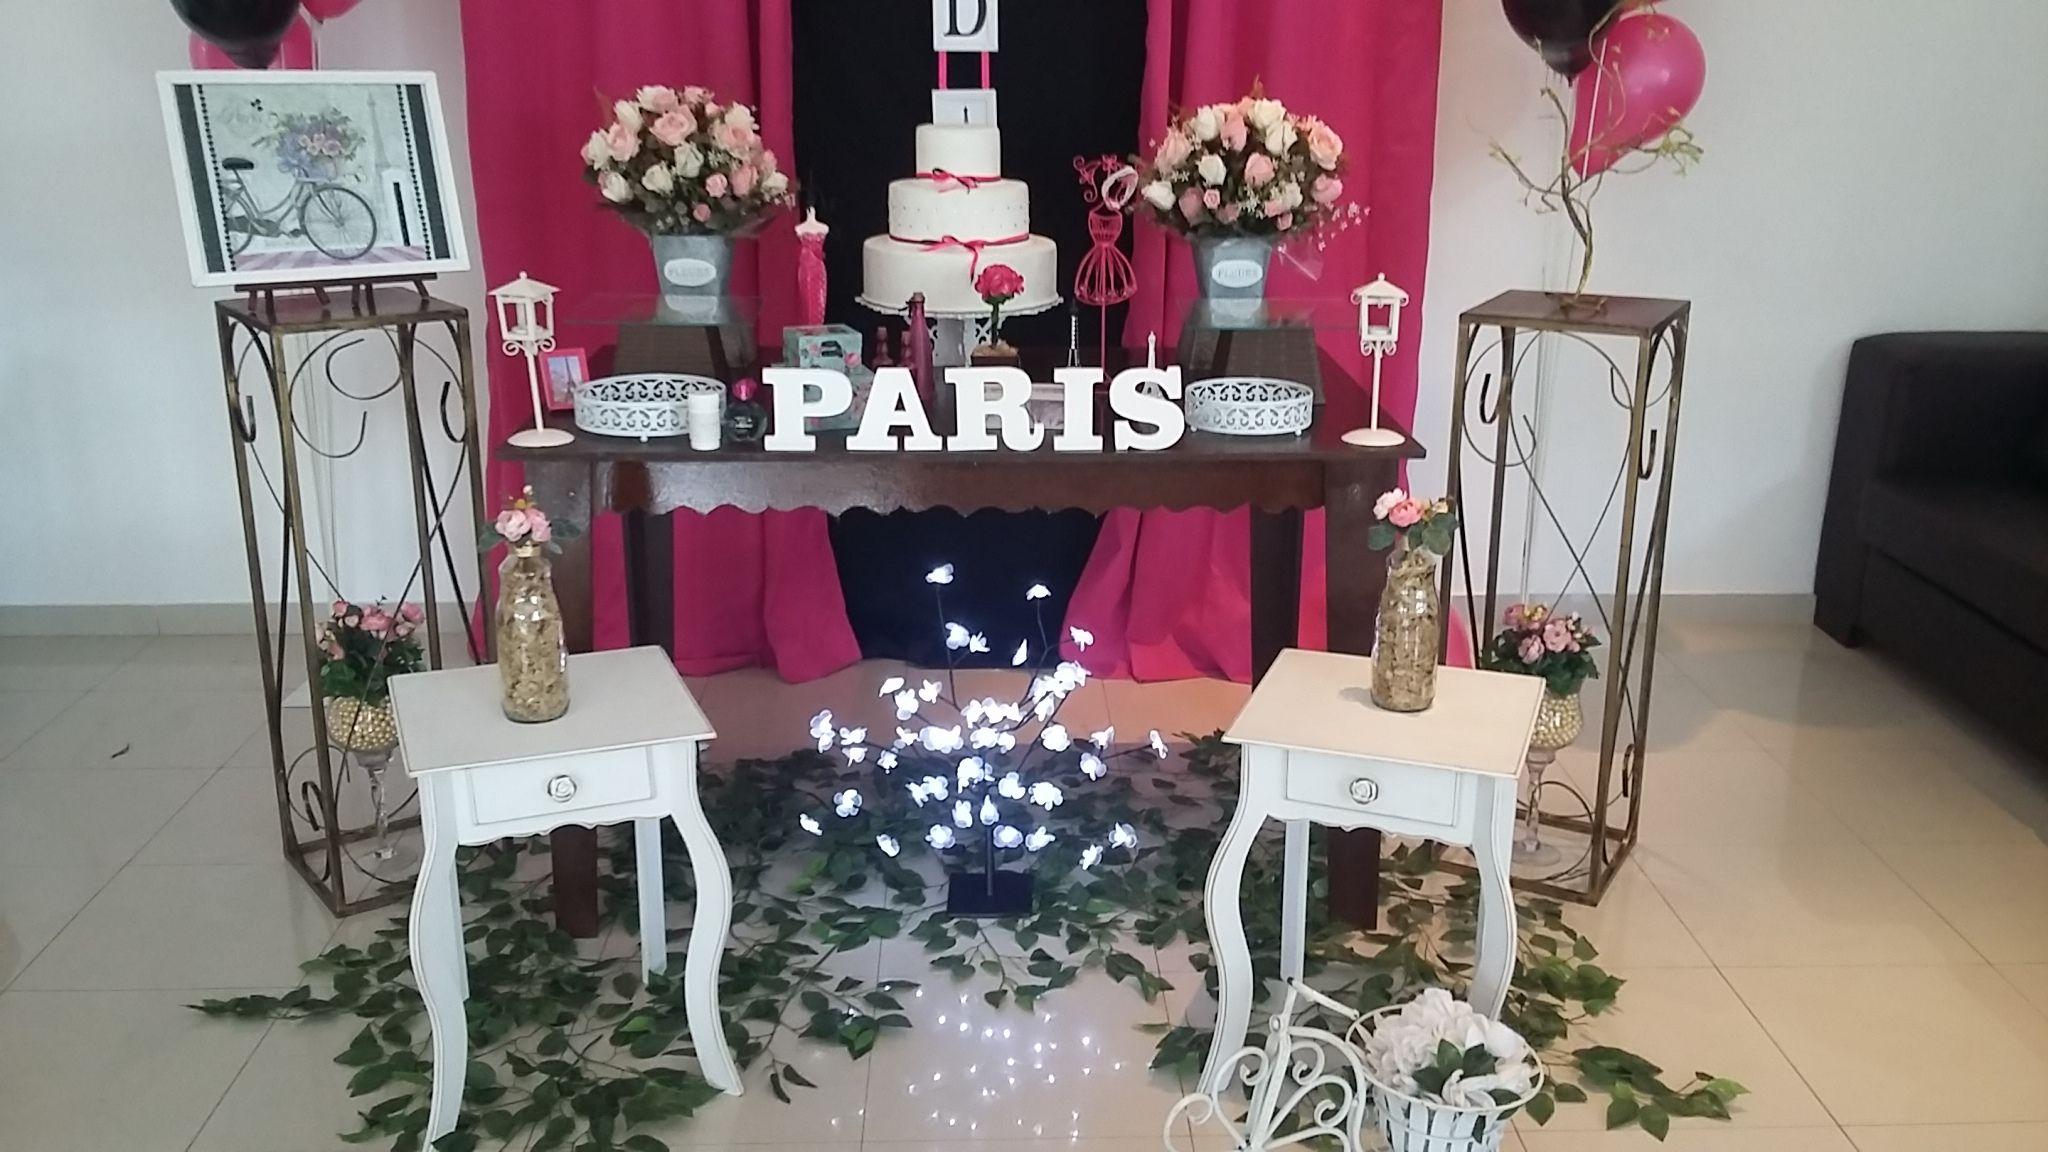 Populares festa paris adulto - Pesquisa Google | Inspiração para Festa Paris  HX67